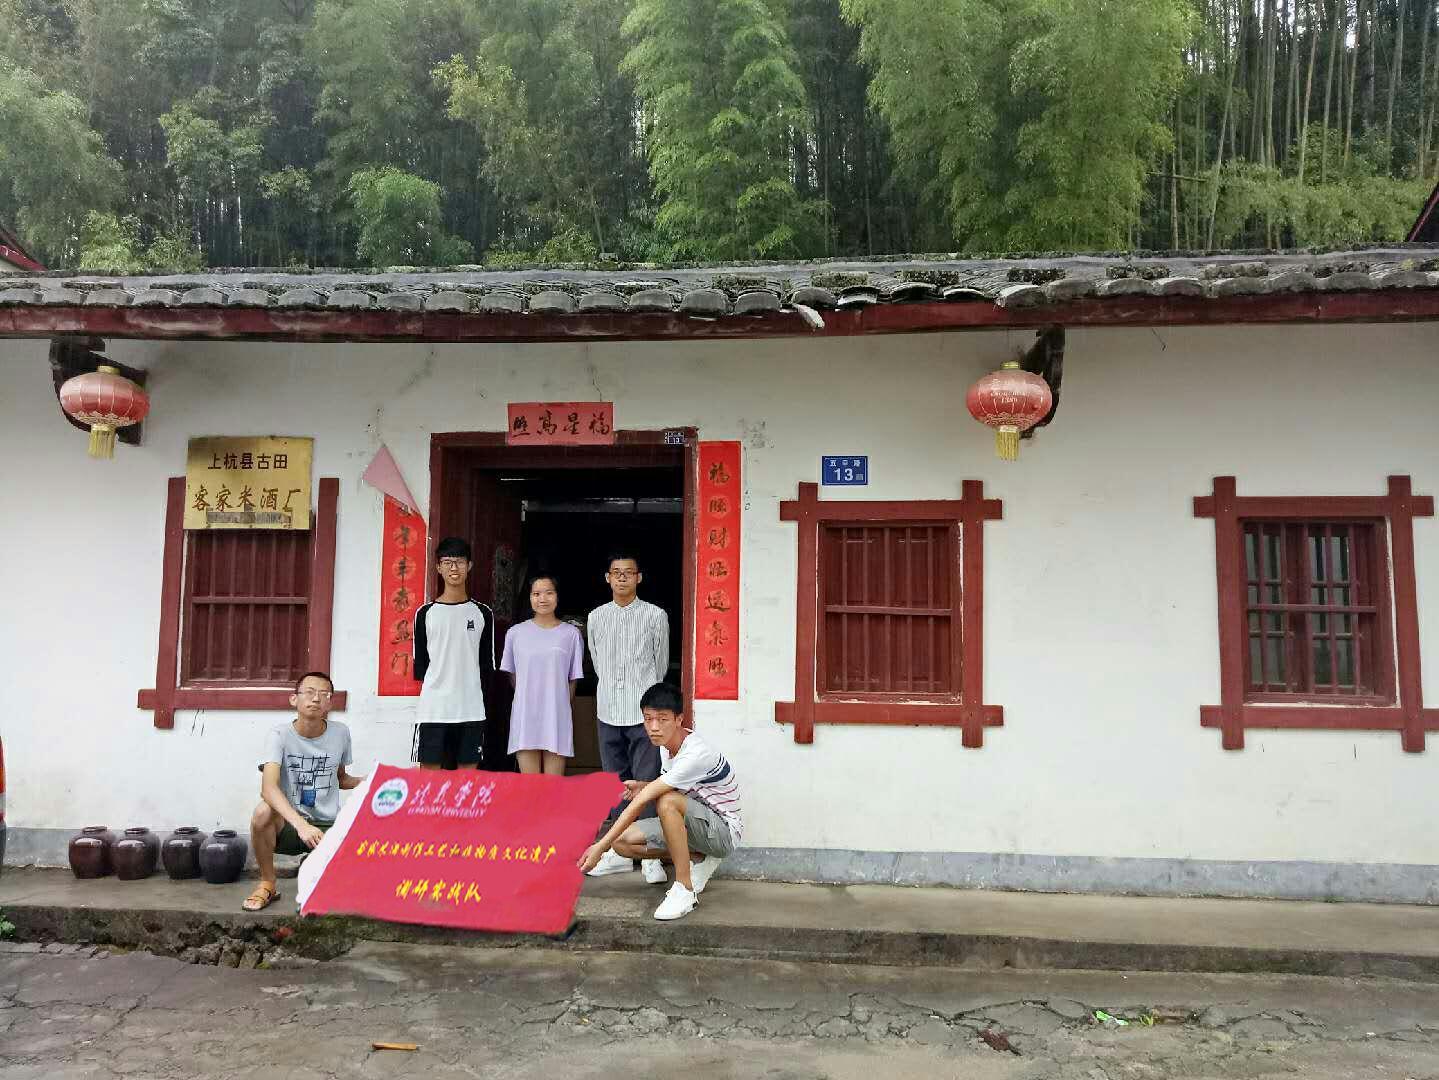 龙岩学院学子走进红色小镇寻访米酒制作工艺